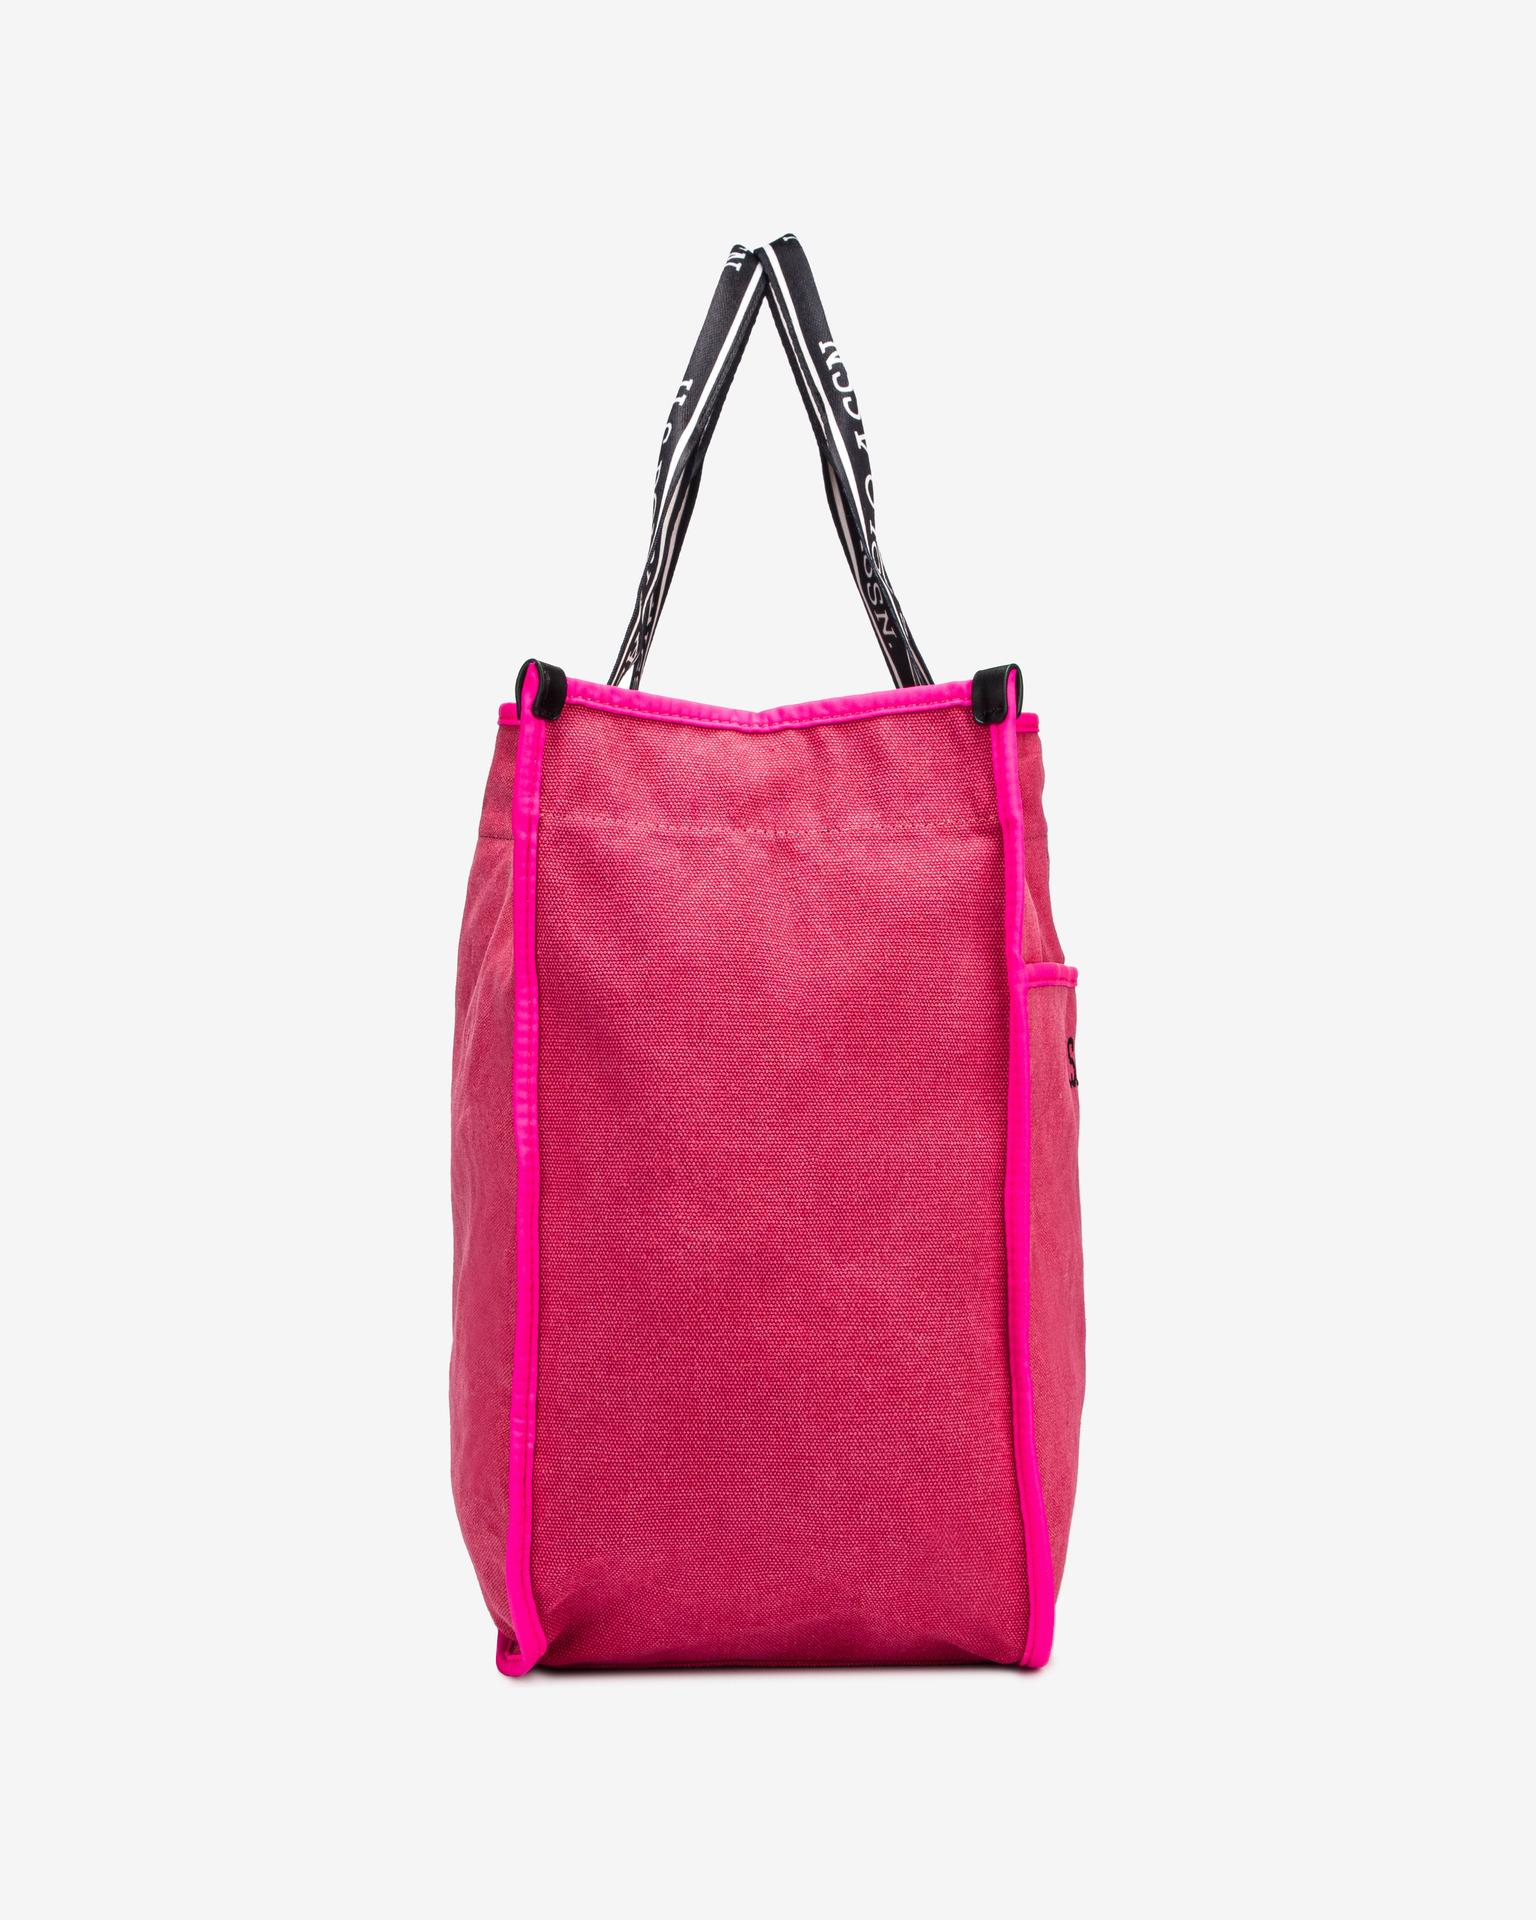 U.S. Polo Assn. Borsetta donna rosa  Taška